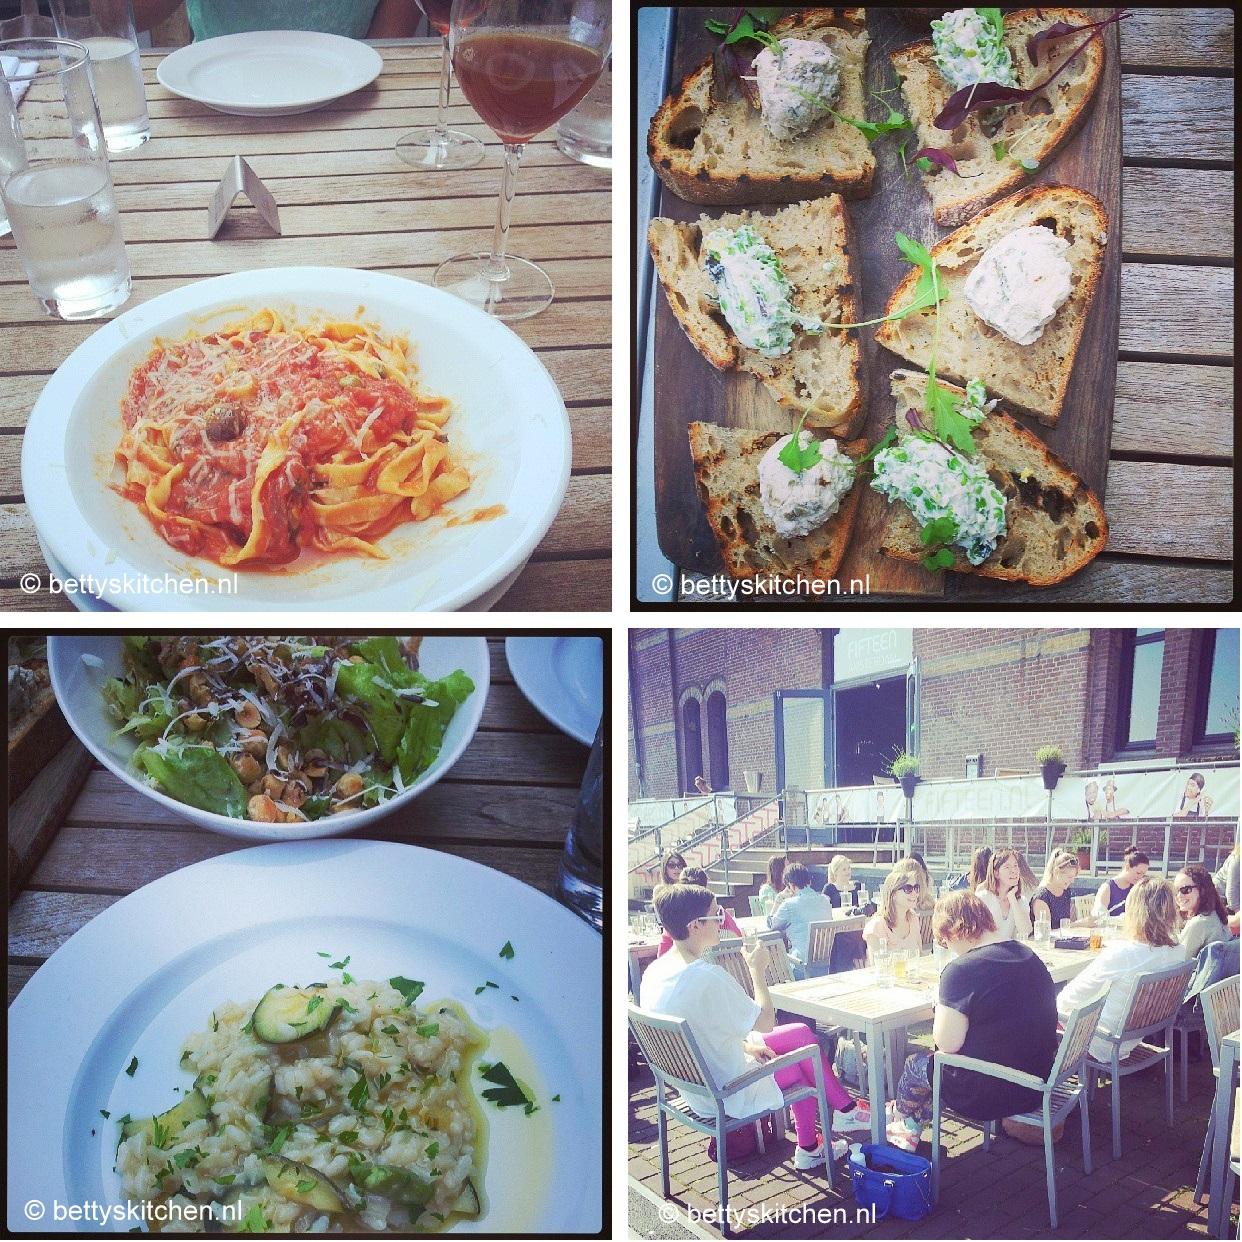 de lunch van het Jamie Magazine foodbloggers event